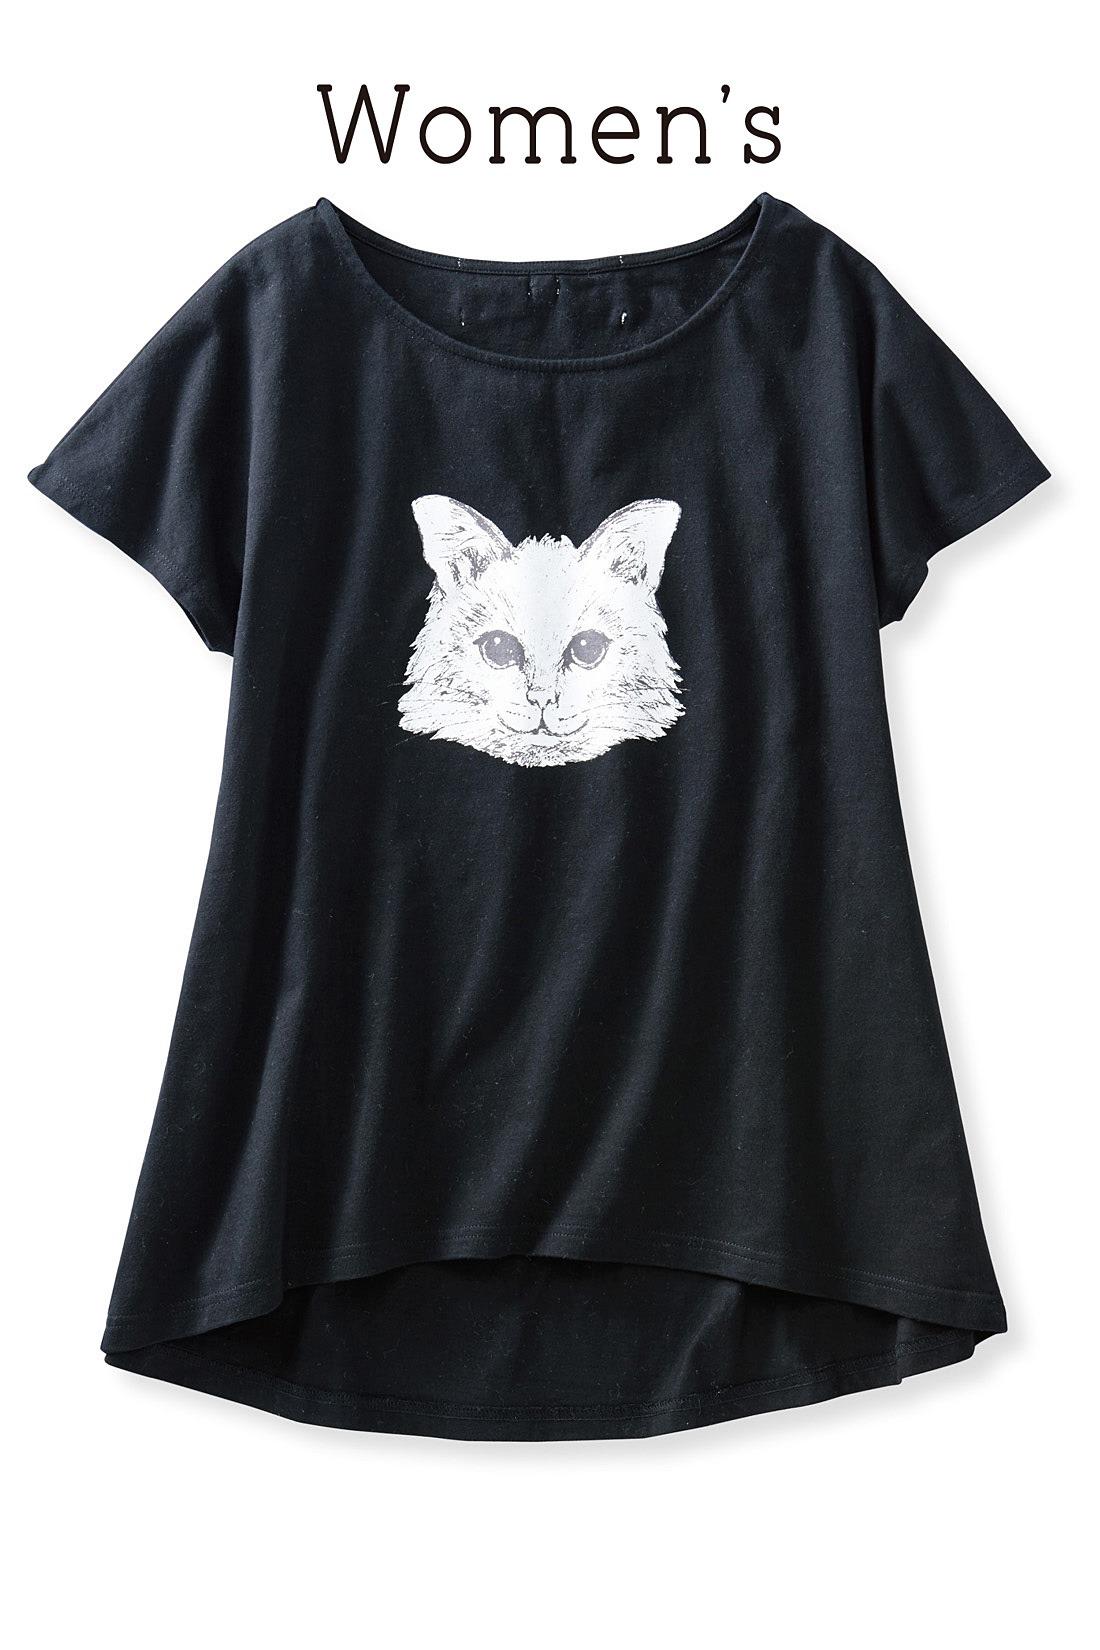 レディースはモノクロの猫プリント。